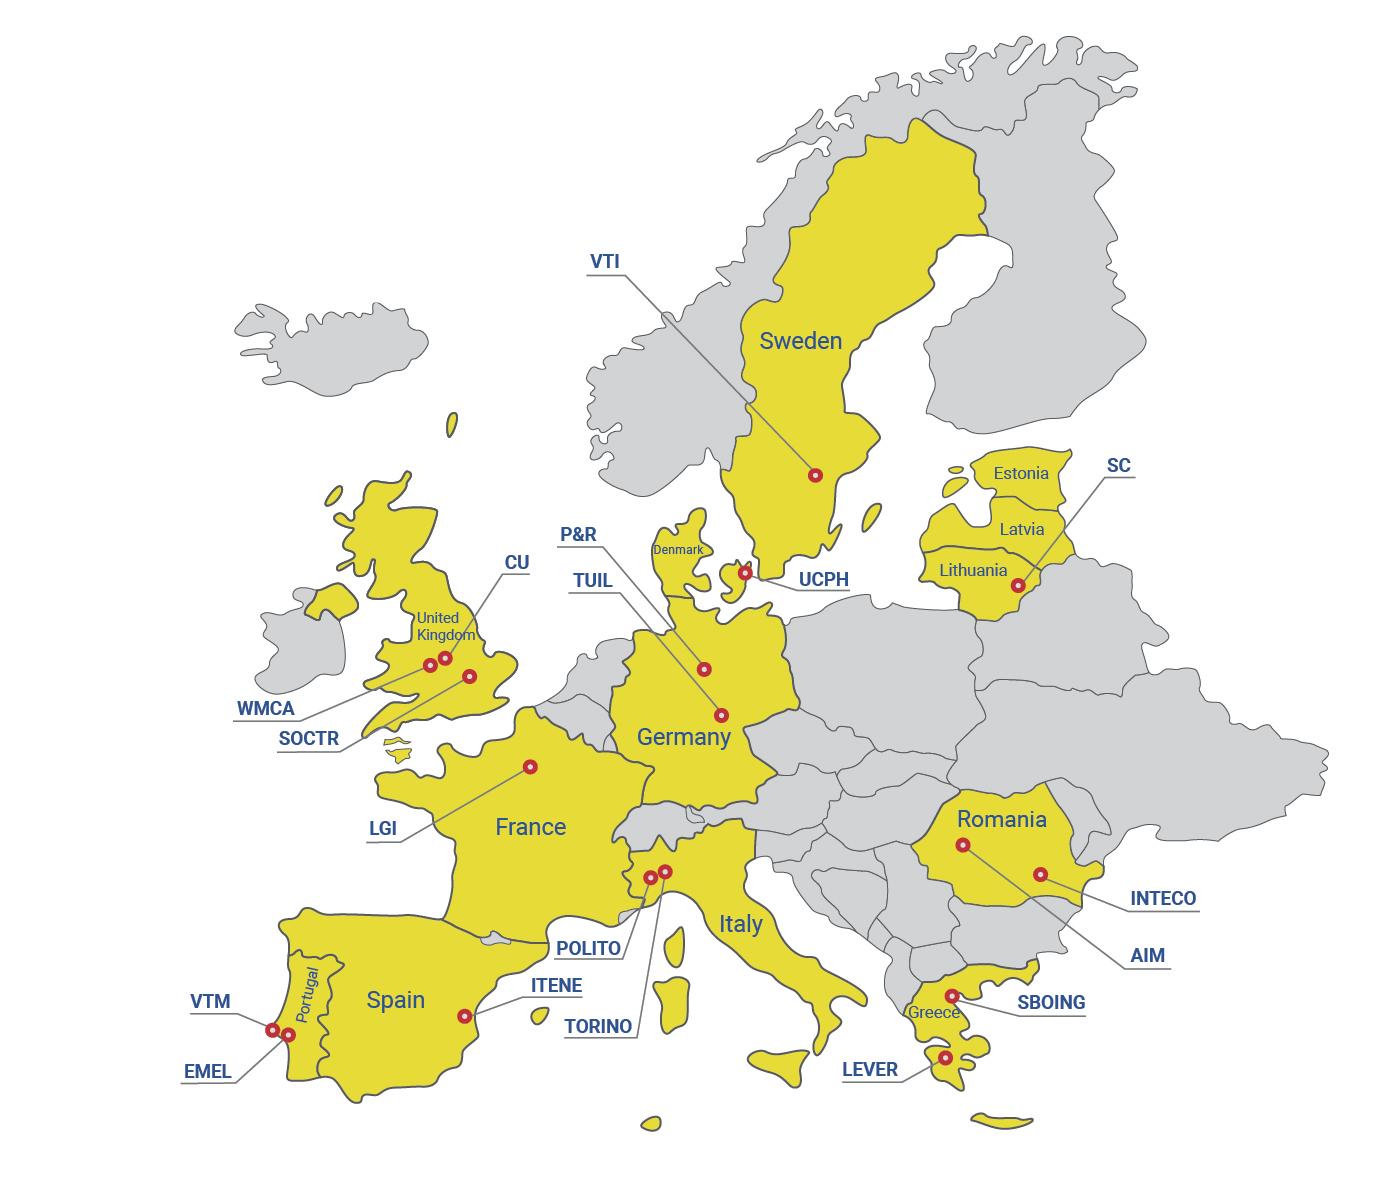 TInnGO Hubs Map